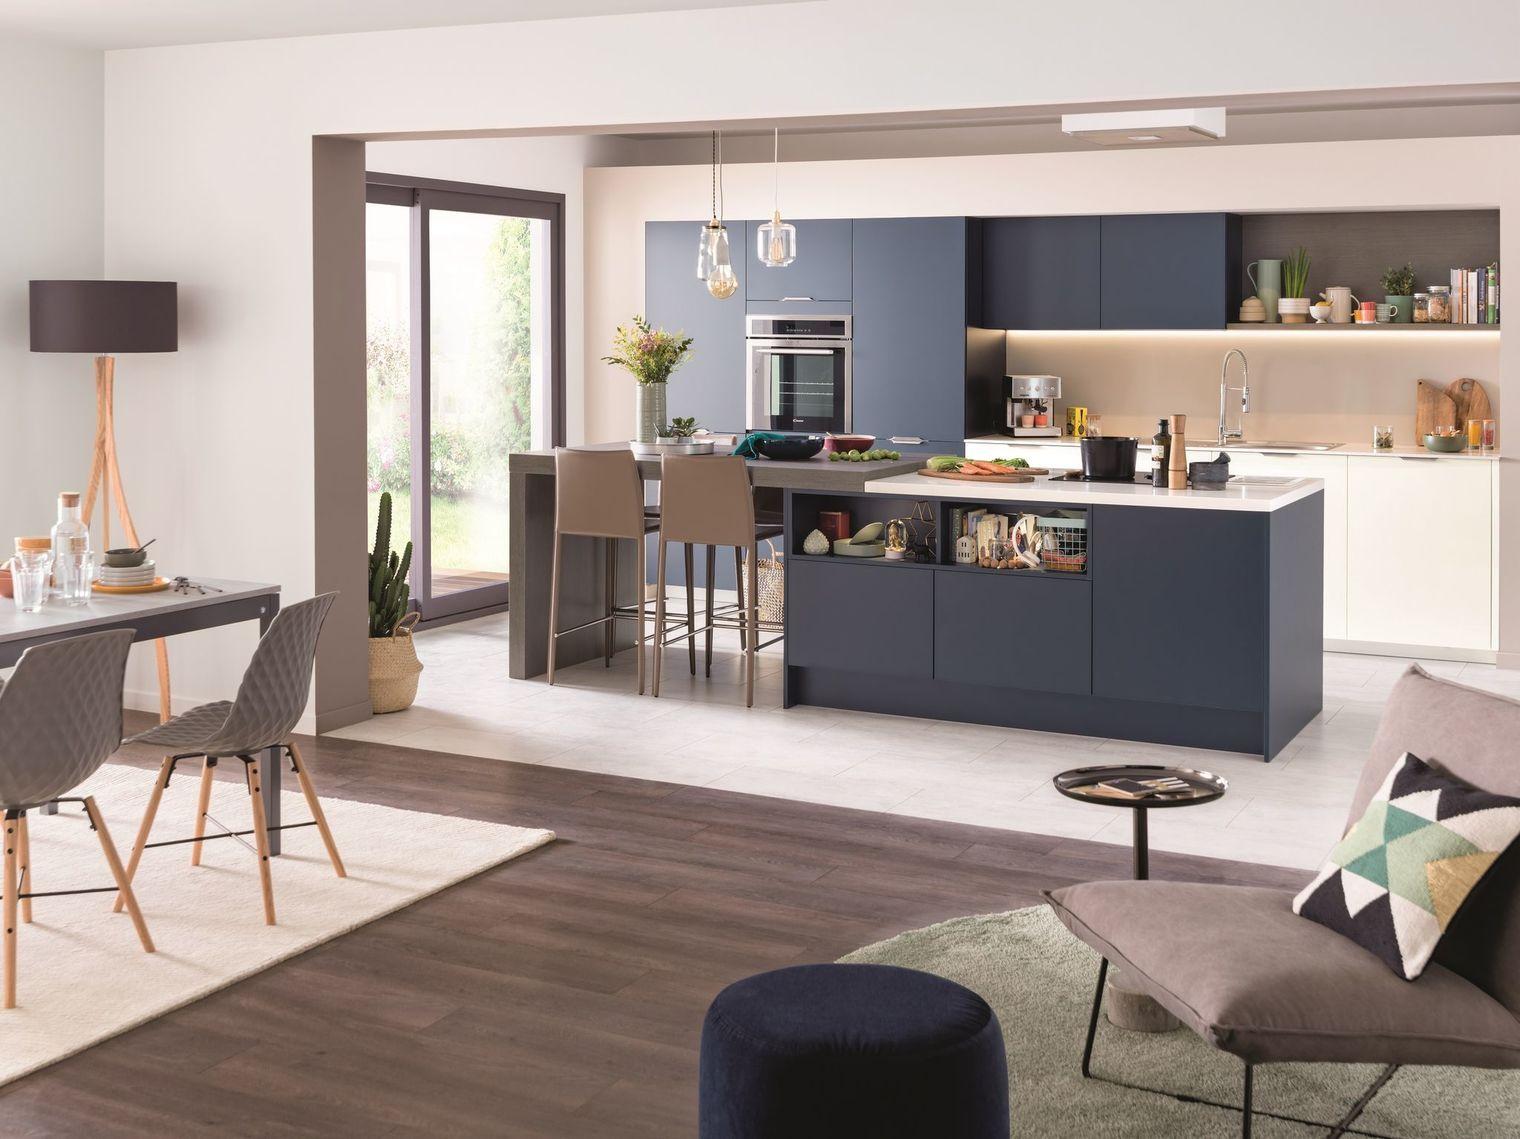 Cuisine ouverte 15 mod les de cuisiniste cuisine - Amenagement cuisine salon ...